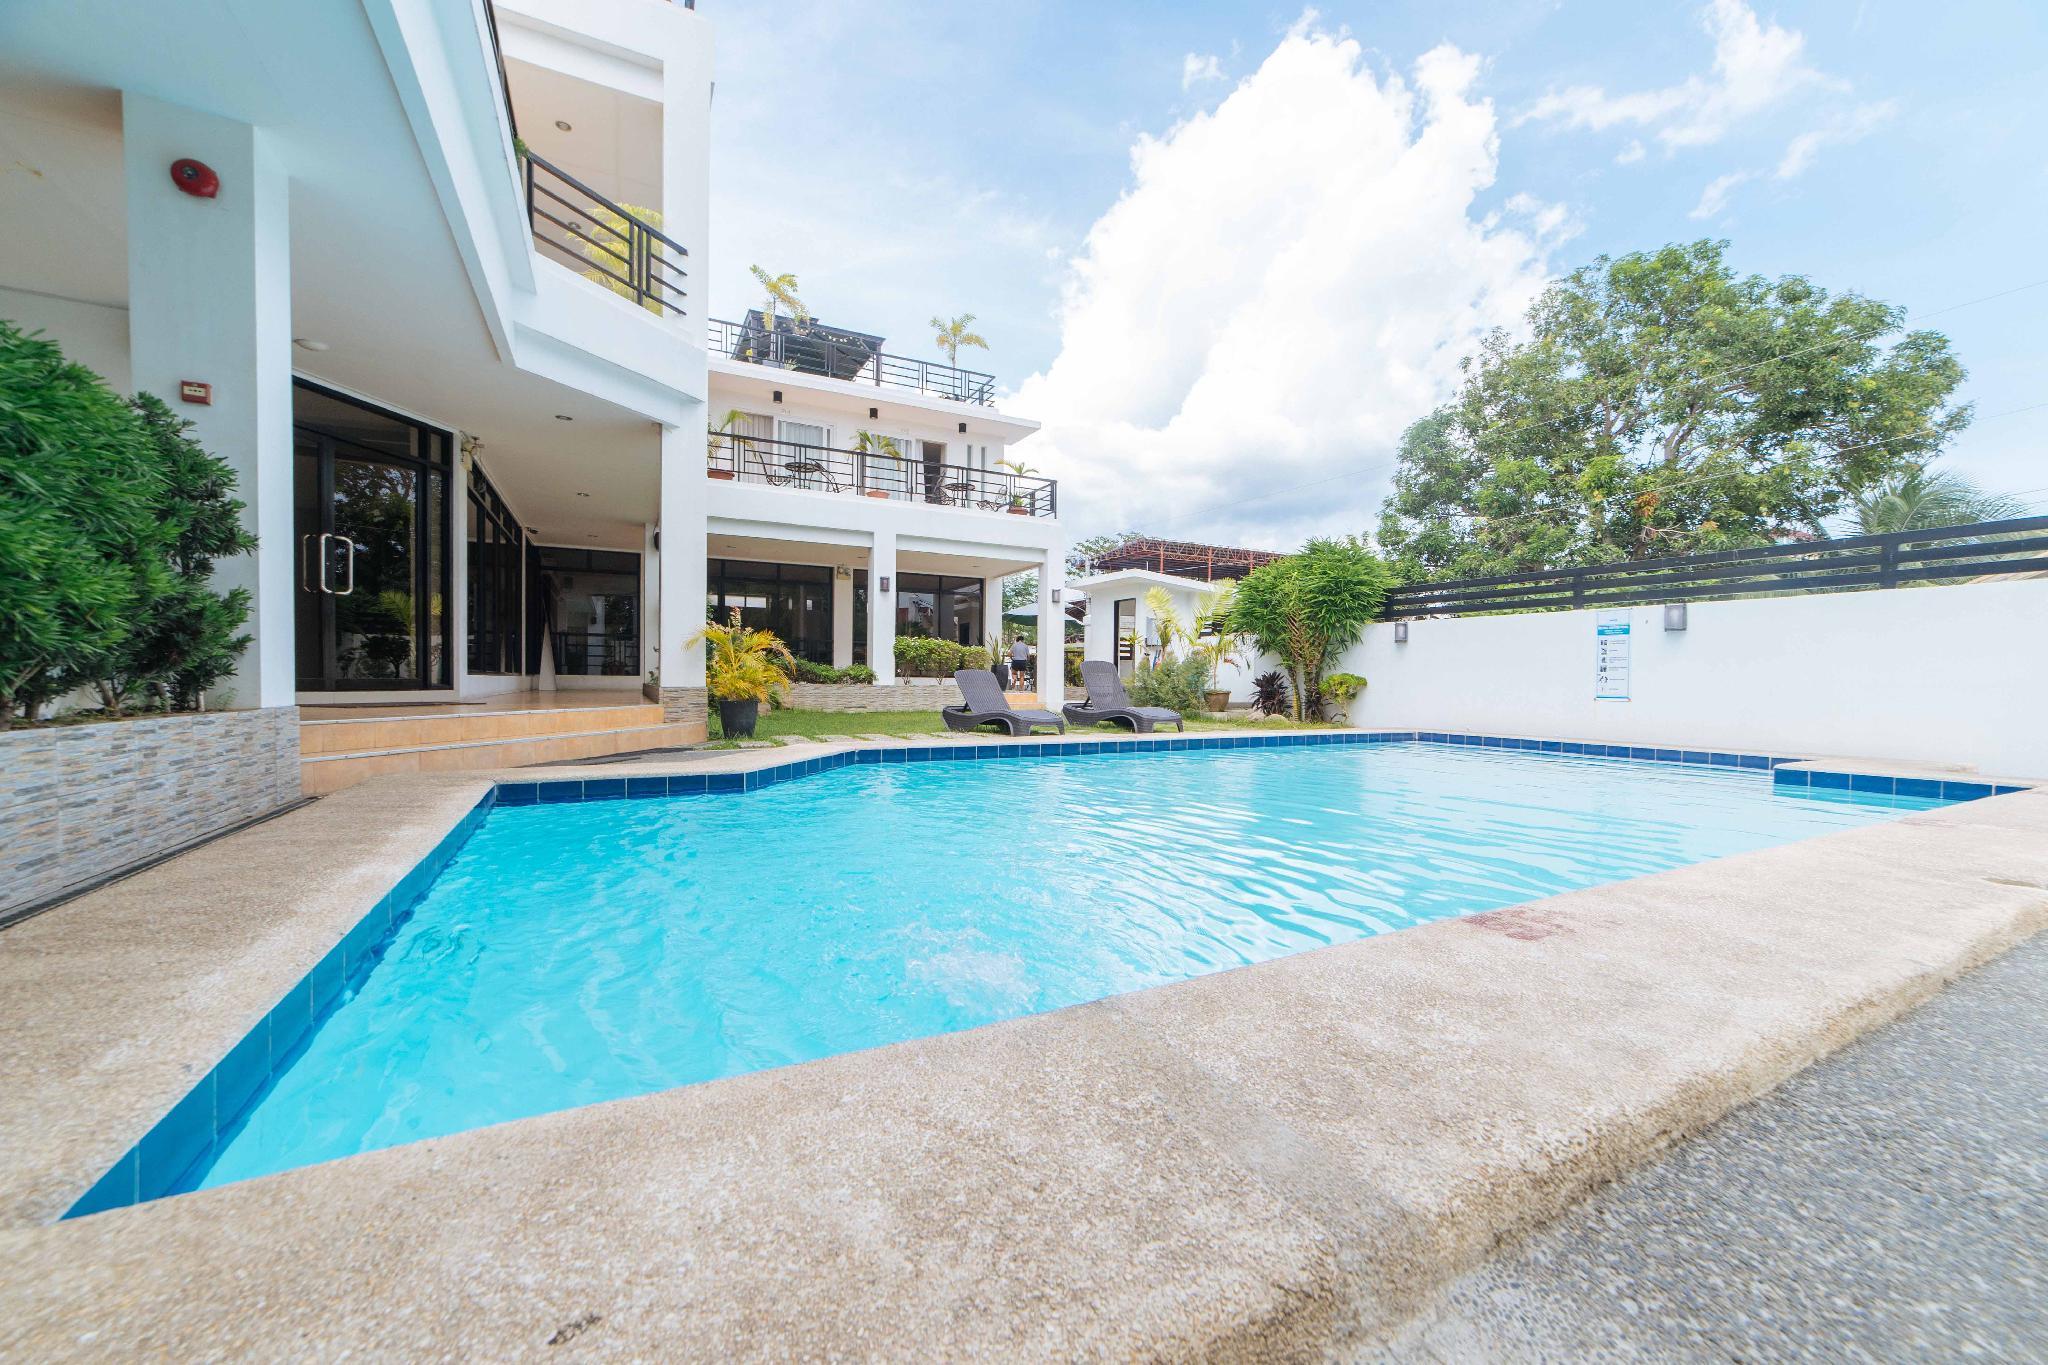 RedDoorz Premium @ Guadalupe Village Davao